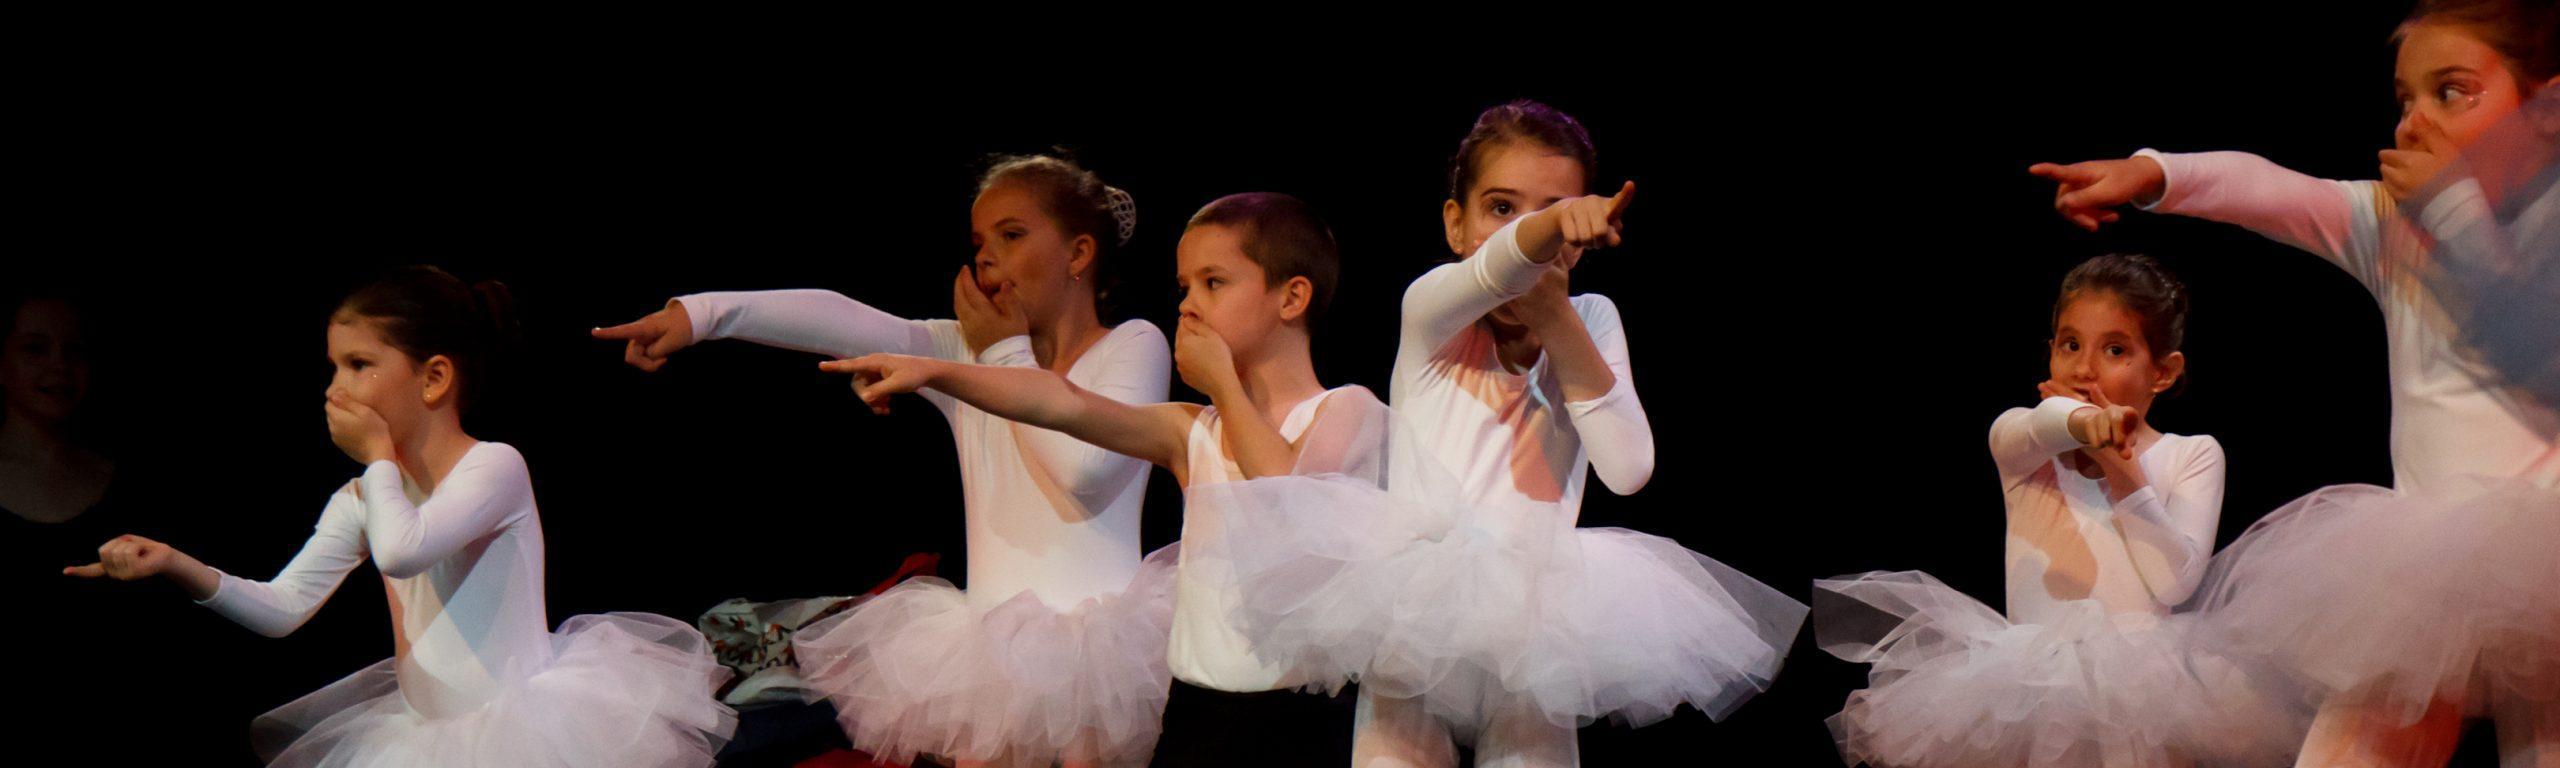 balett-csoport-mutat